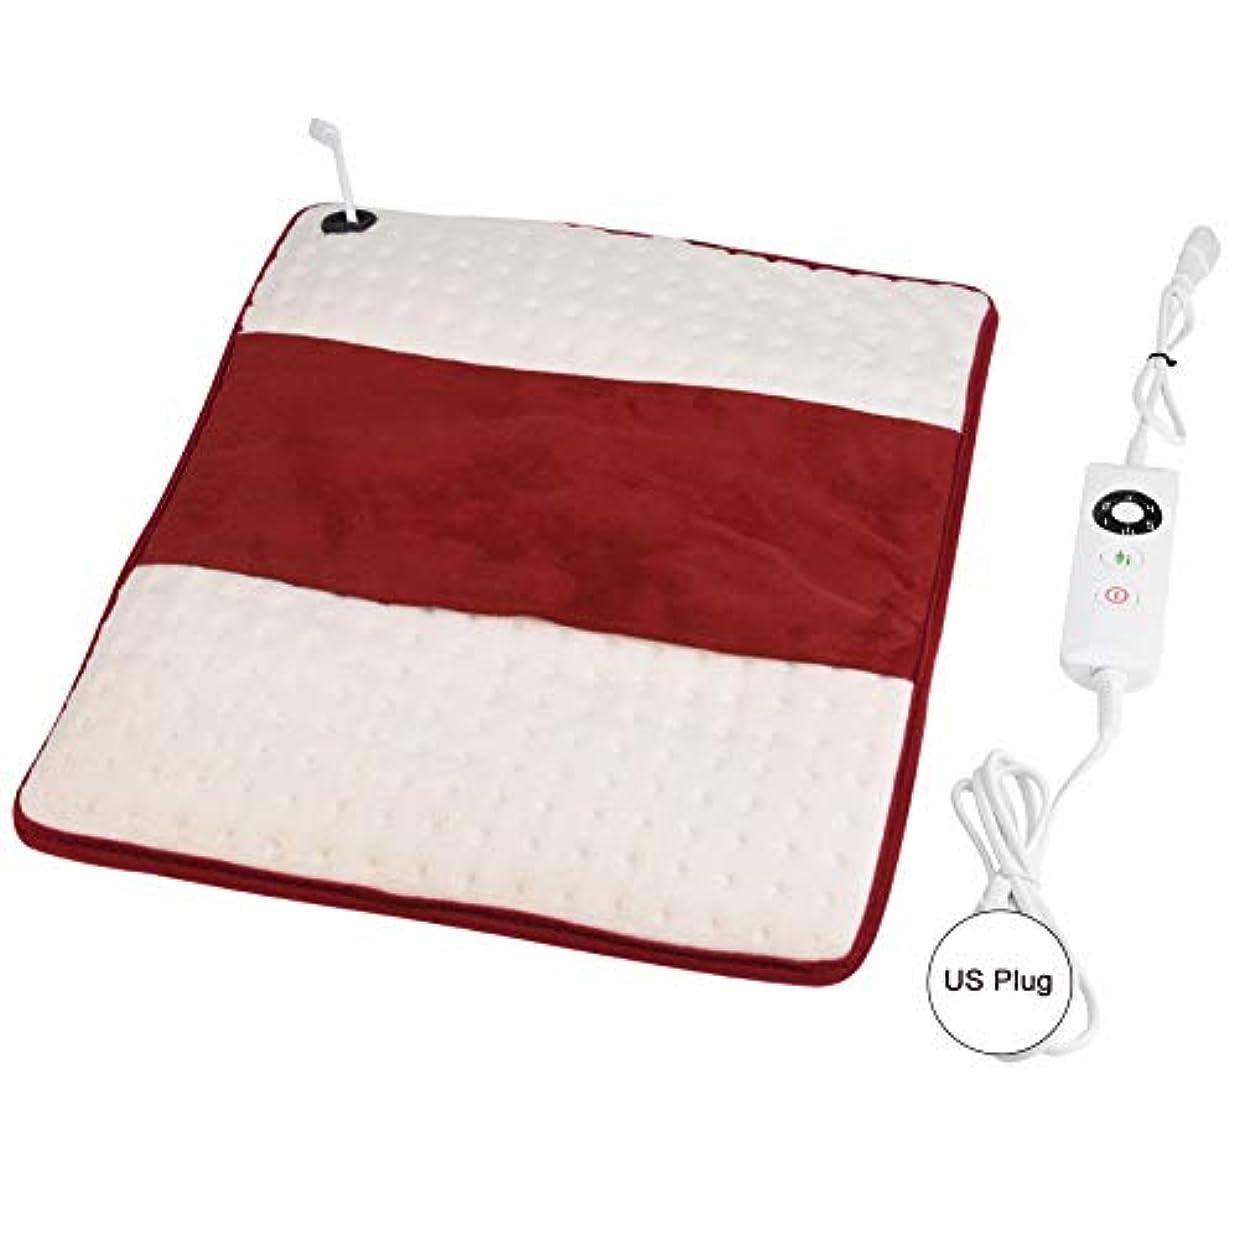 スモッグガイド土地電気暖房のパッド、多機能の電気暖房療法のパッドの洗濯できる腰痛の救助のマット(US Plug)